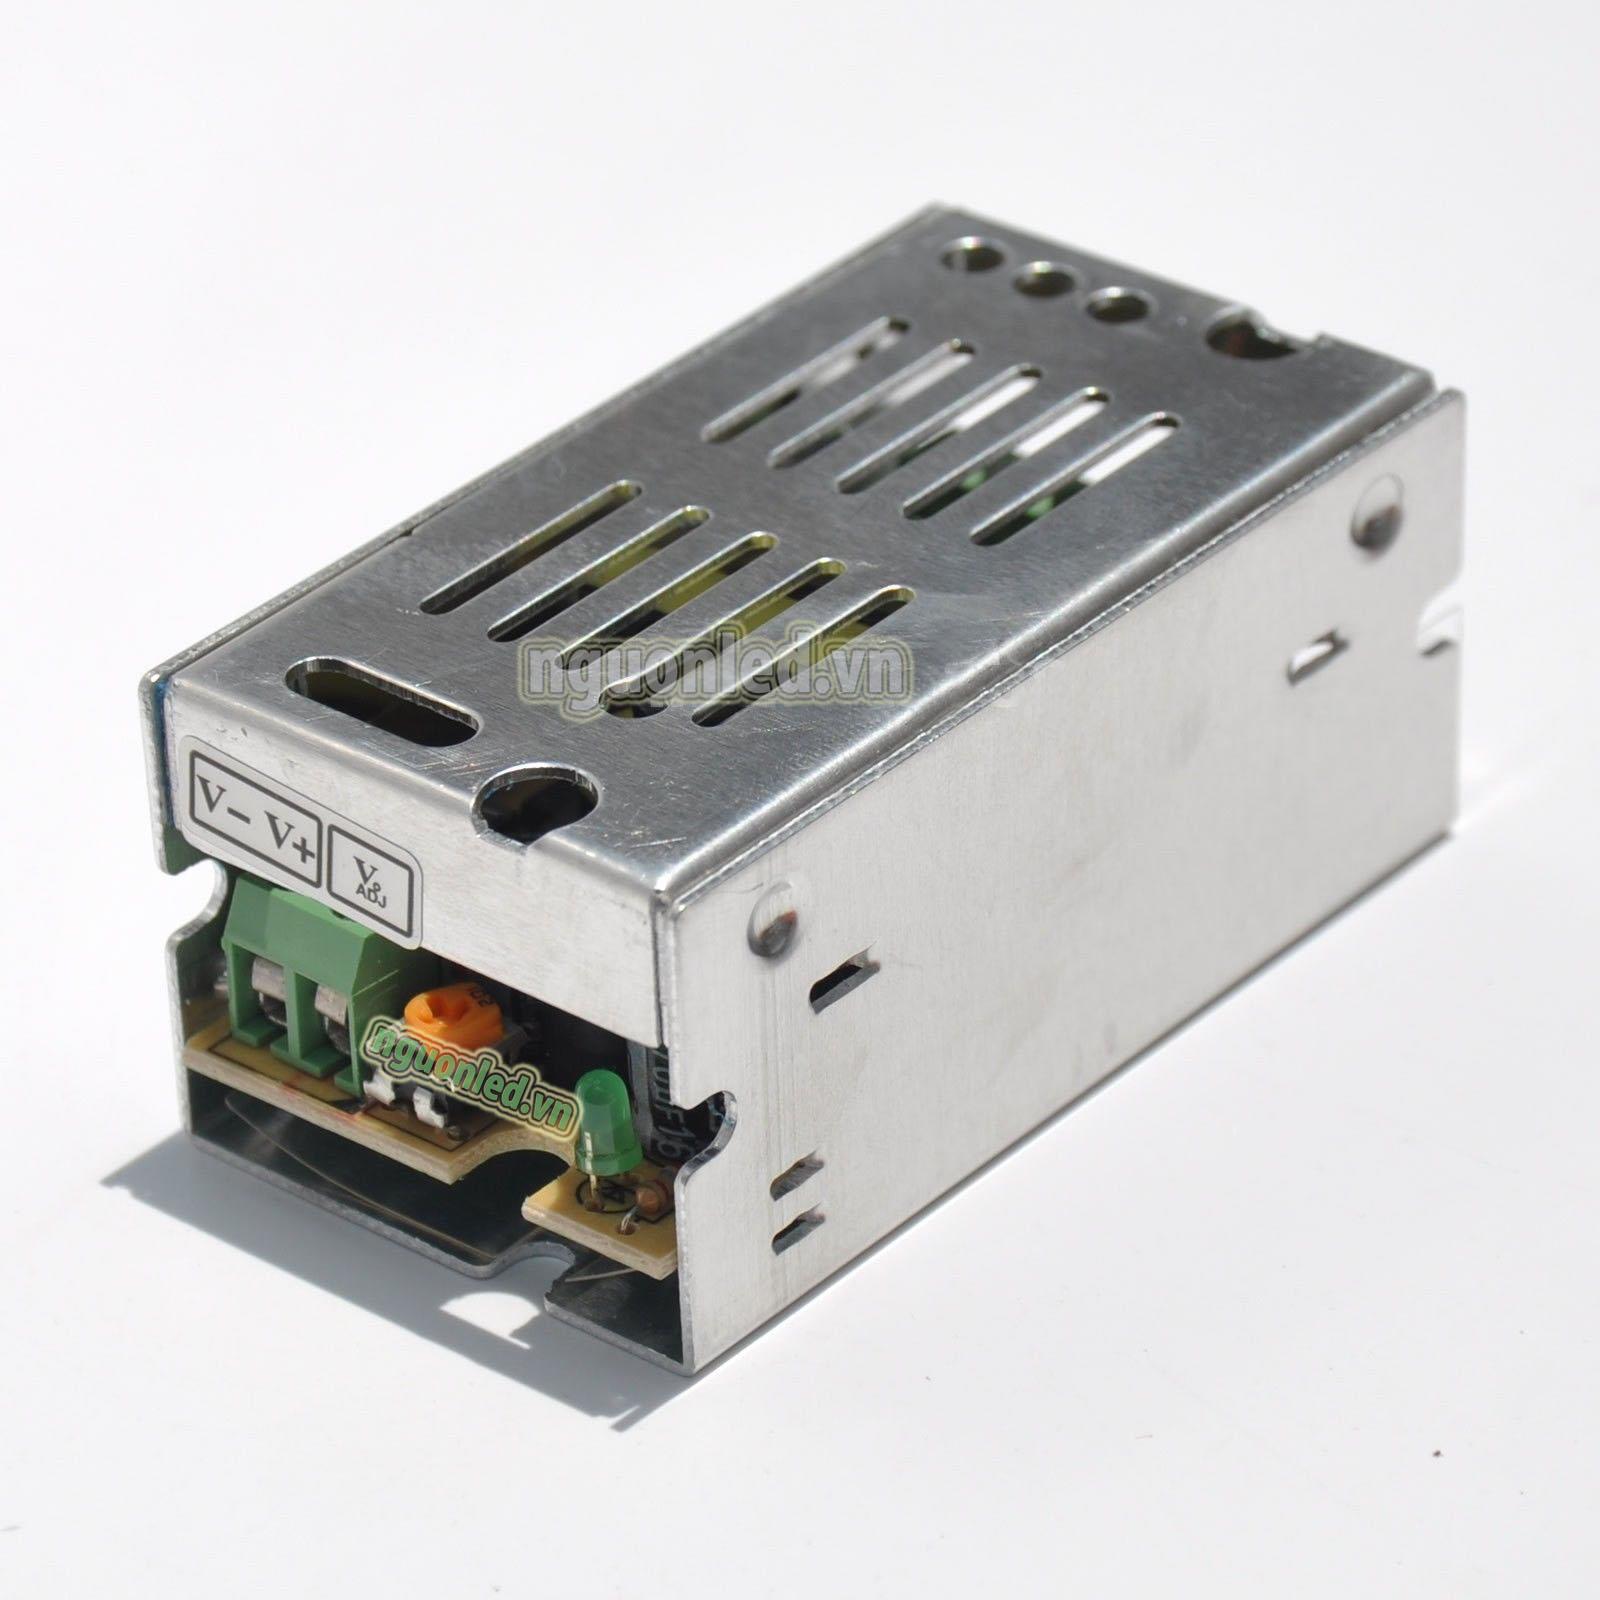 Nguồn tổng 12V 1A loại tốt dùng cấp nguồn 12v cho đèn led, camera, nguonled.vn